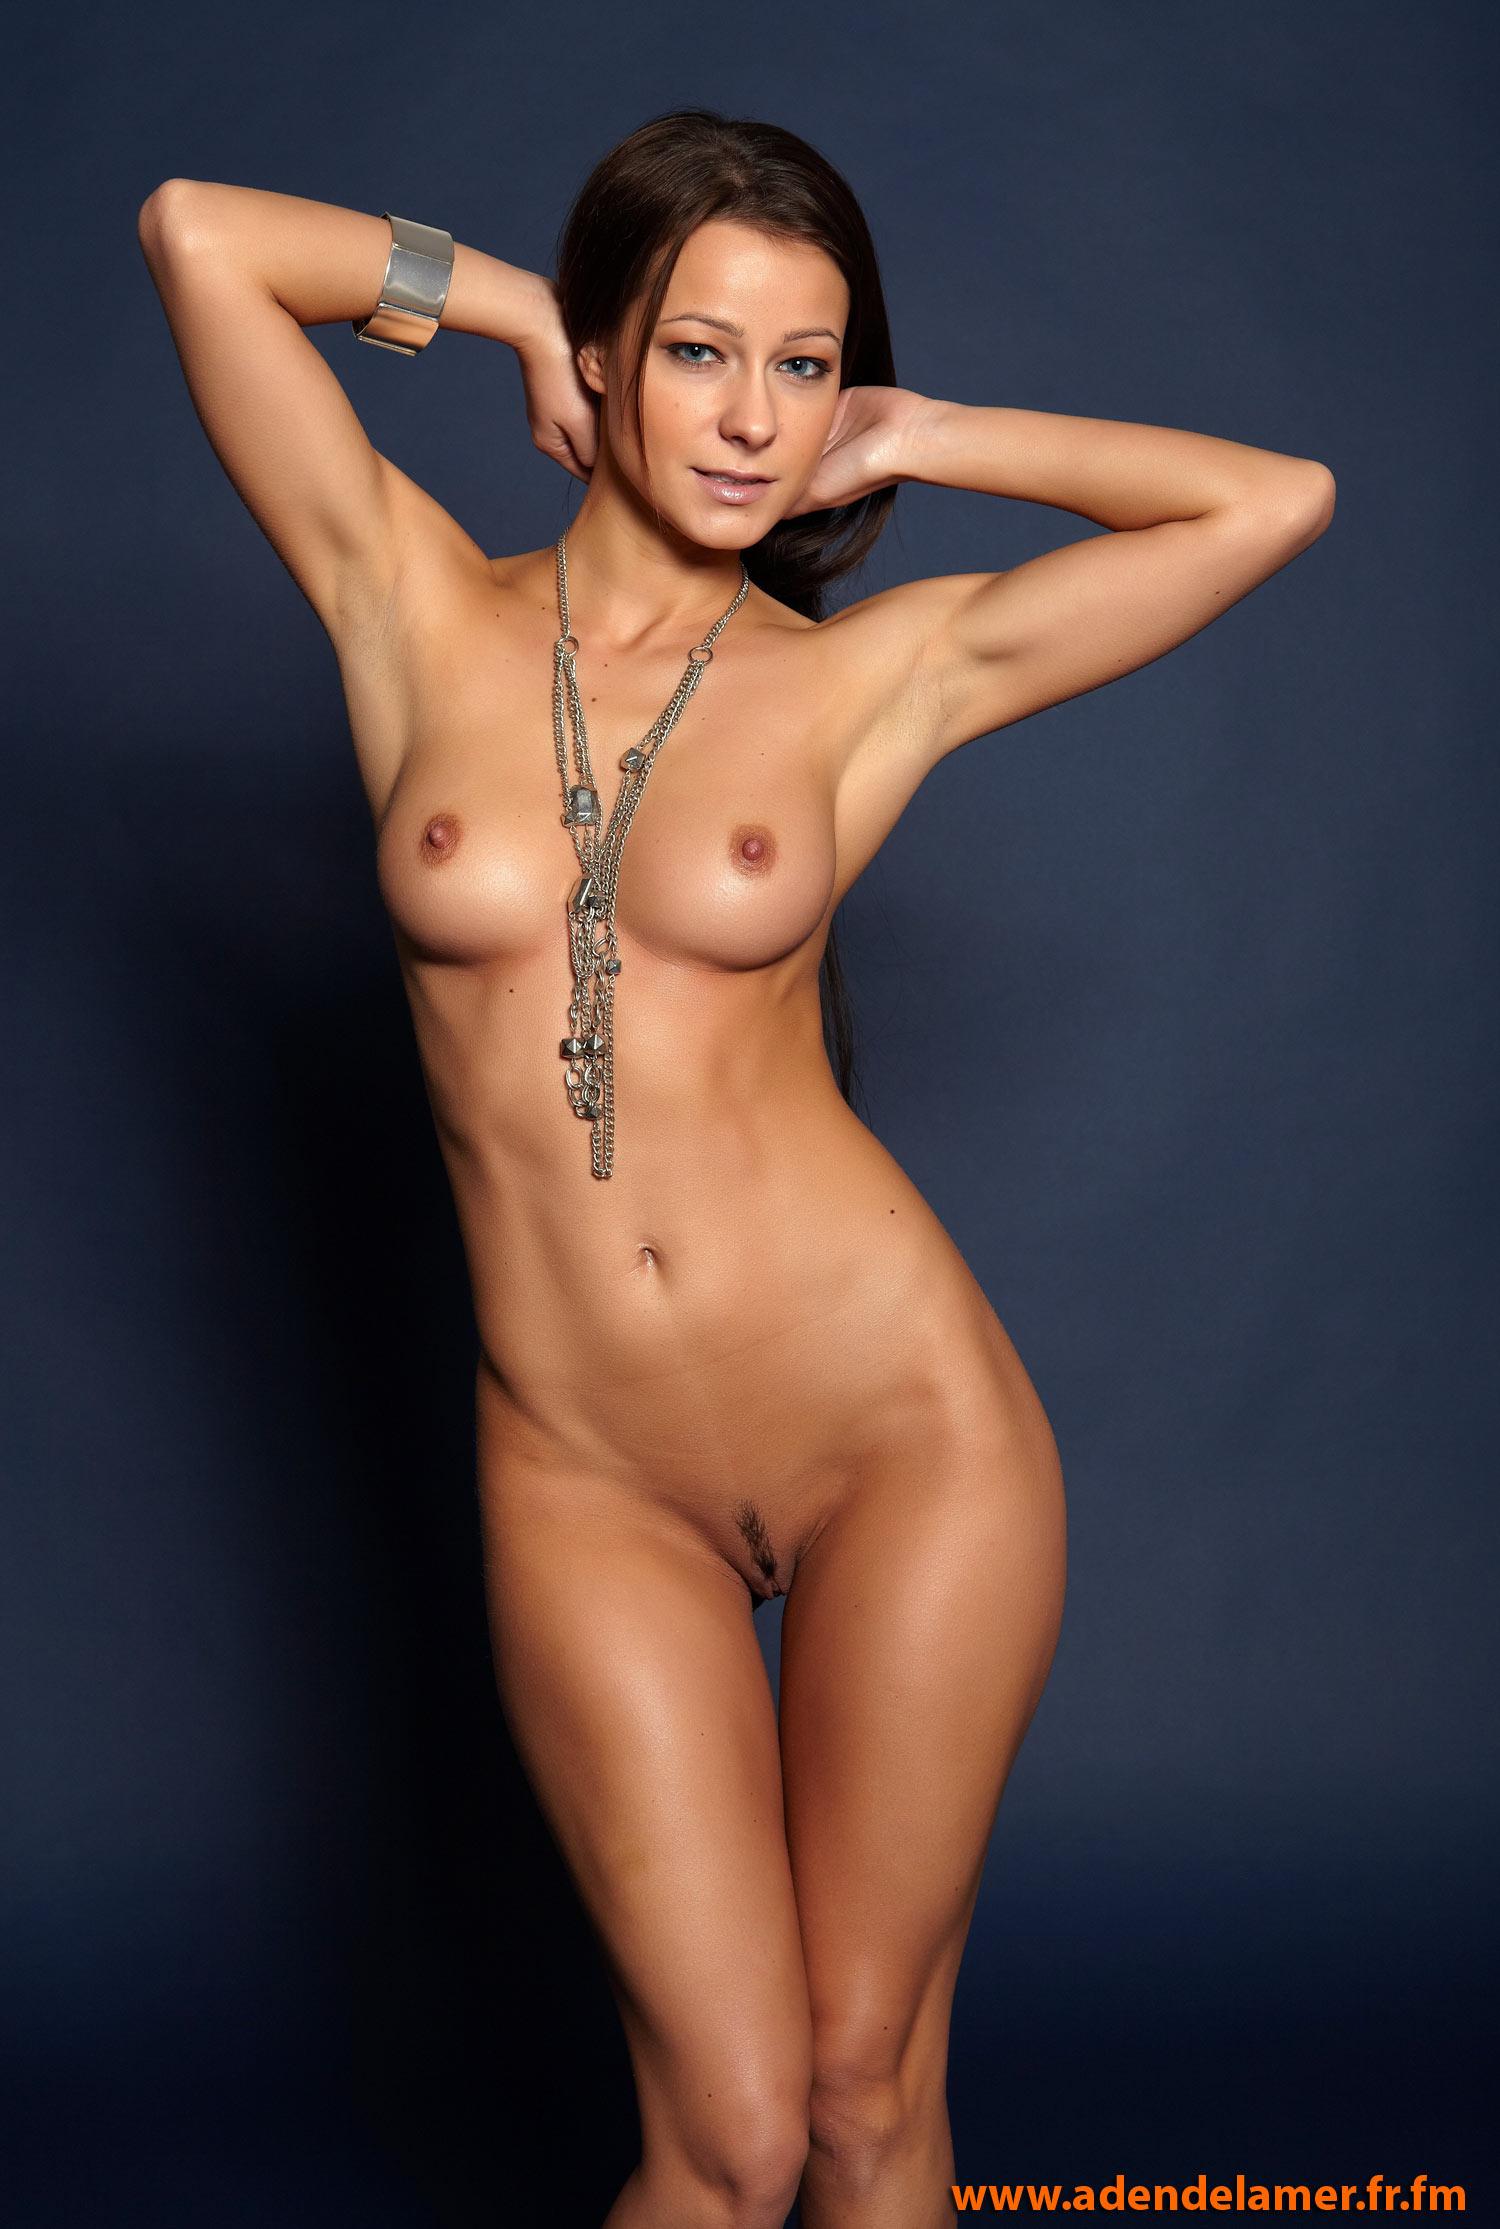 Эротическое фото с украшениями 1 фотография